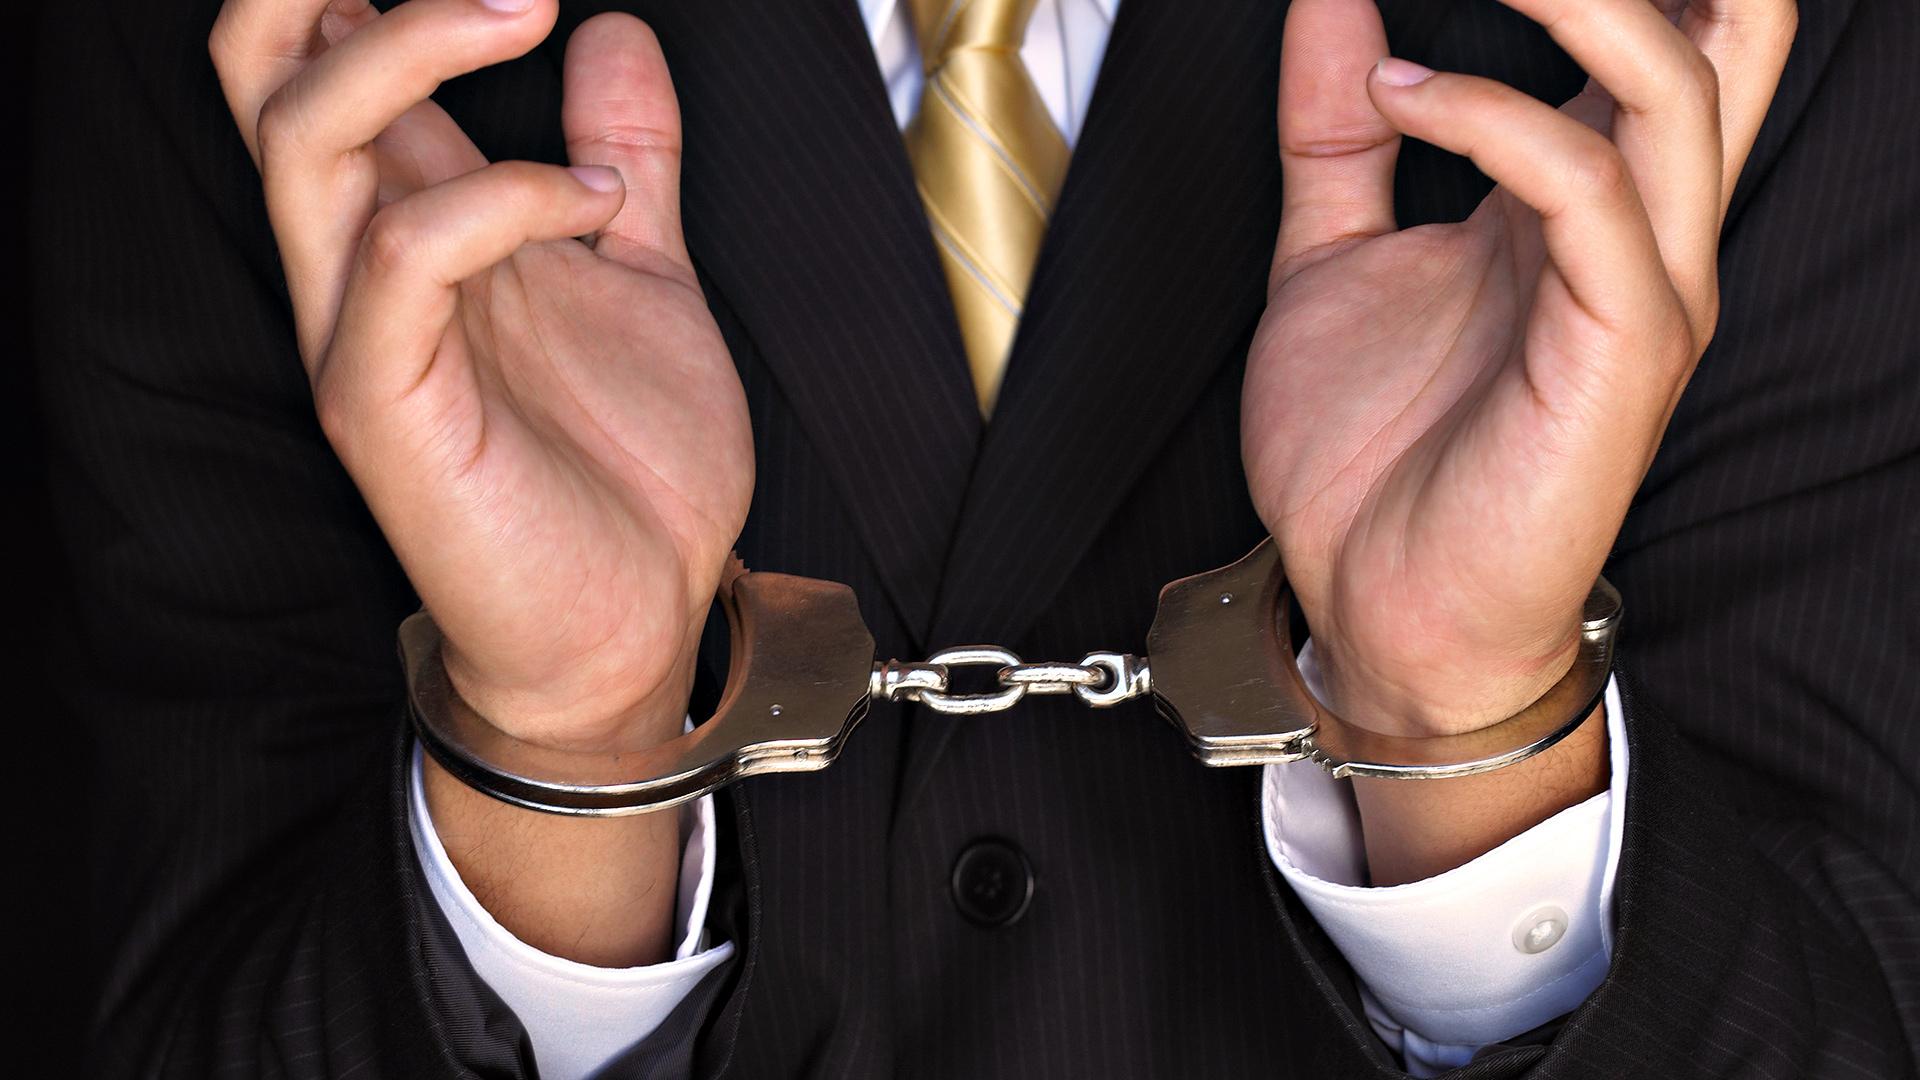 привлечение следователя к уголовной ответственности